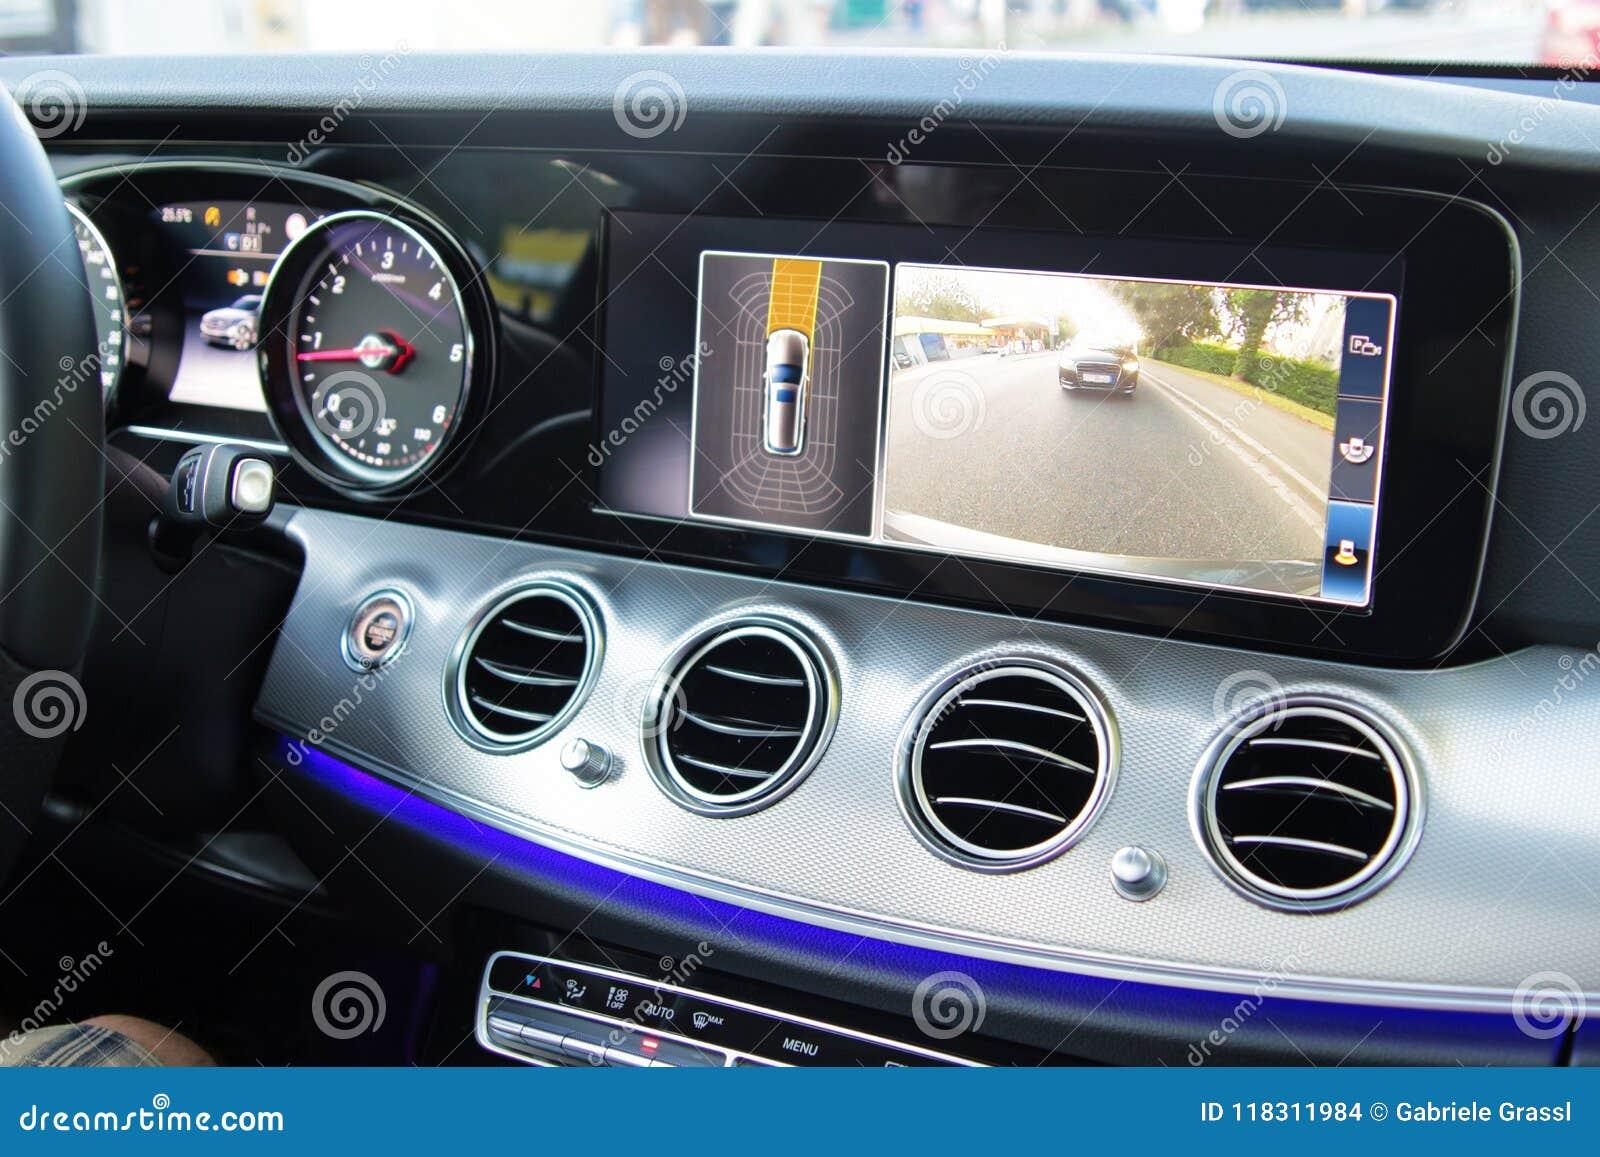 Cockpit eines modernen Autos mit Rückkamera